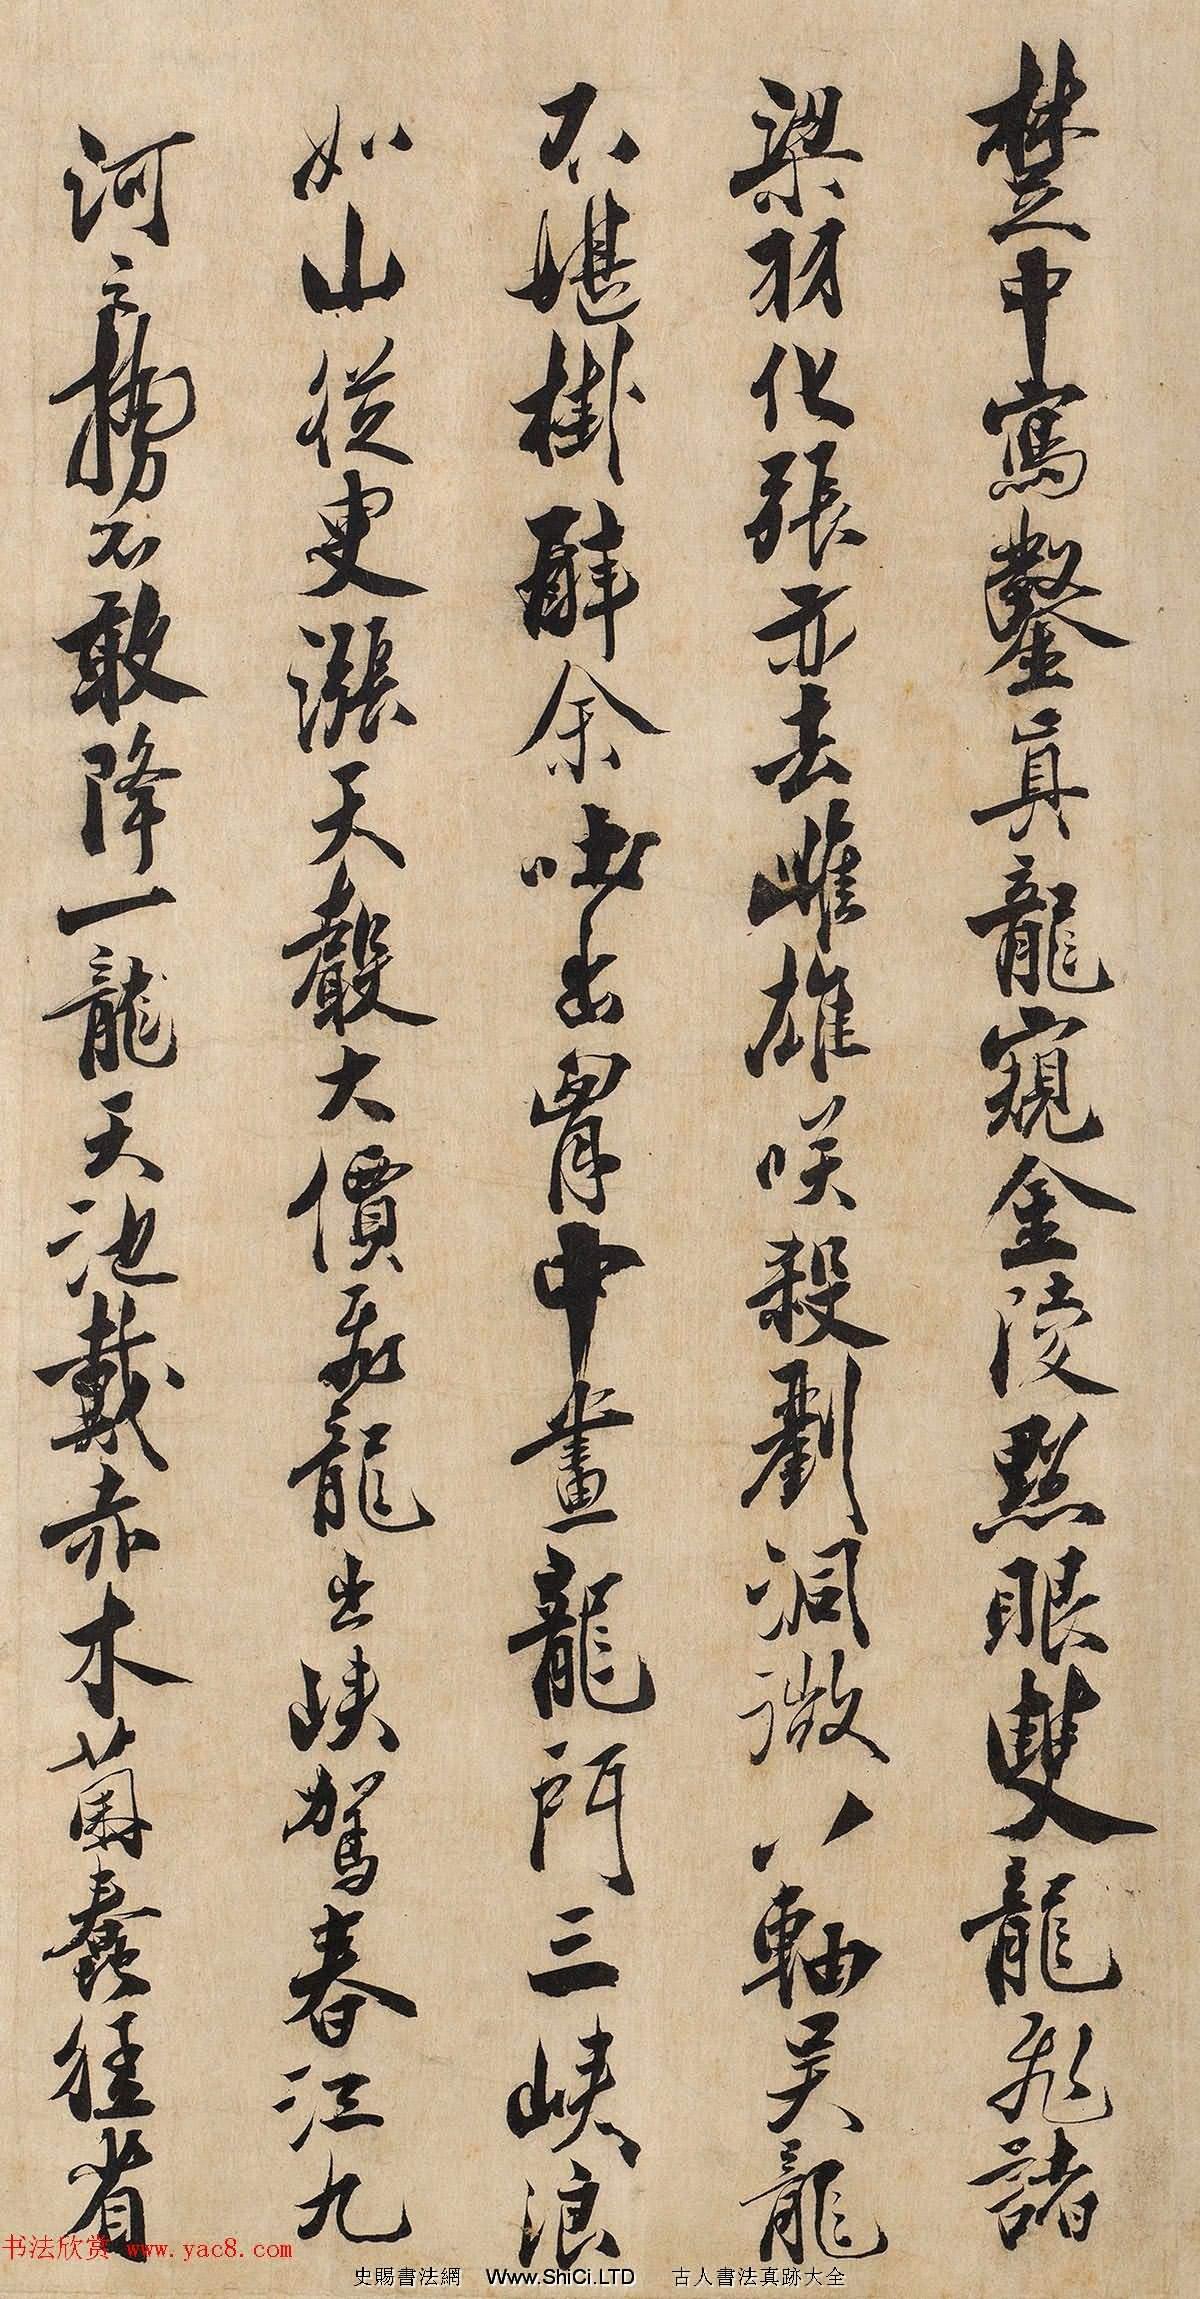 元代董思學書法題跋九龍圖(共6張圖片)